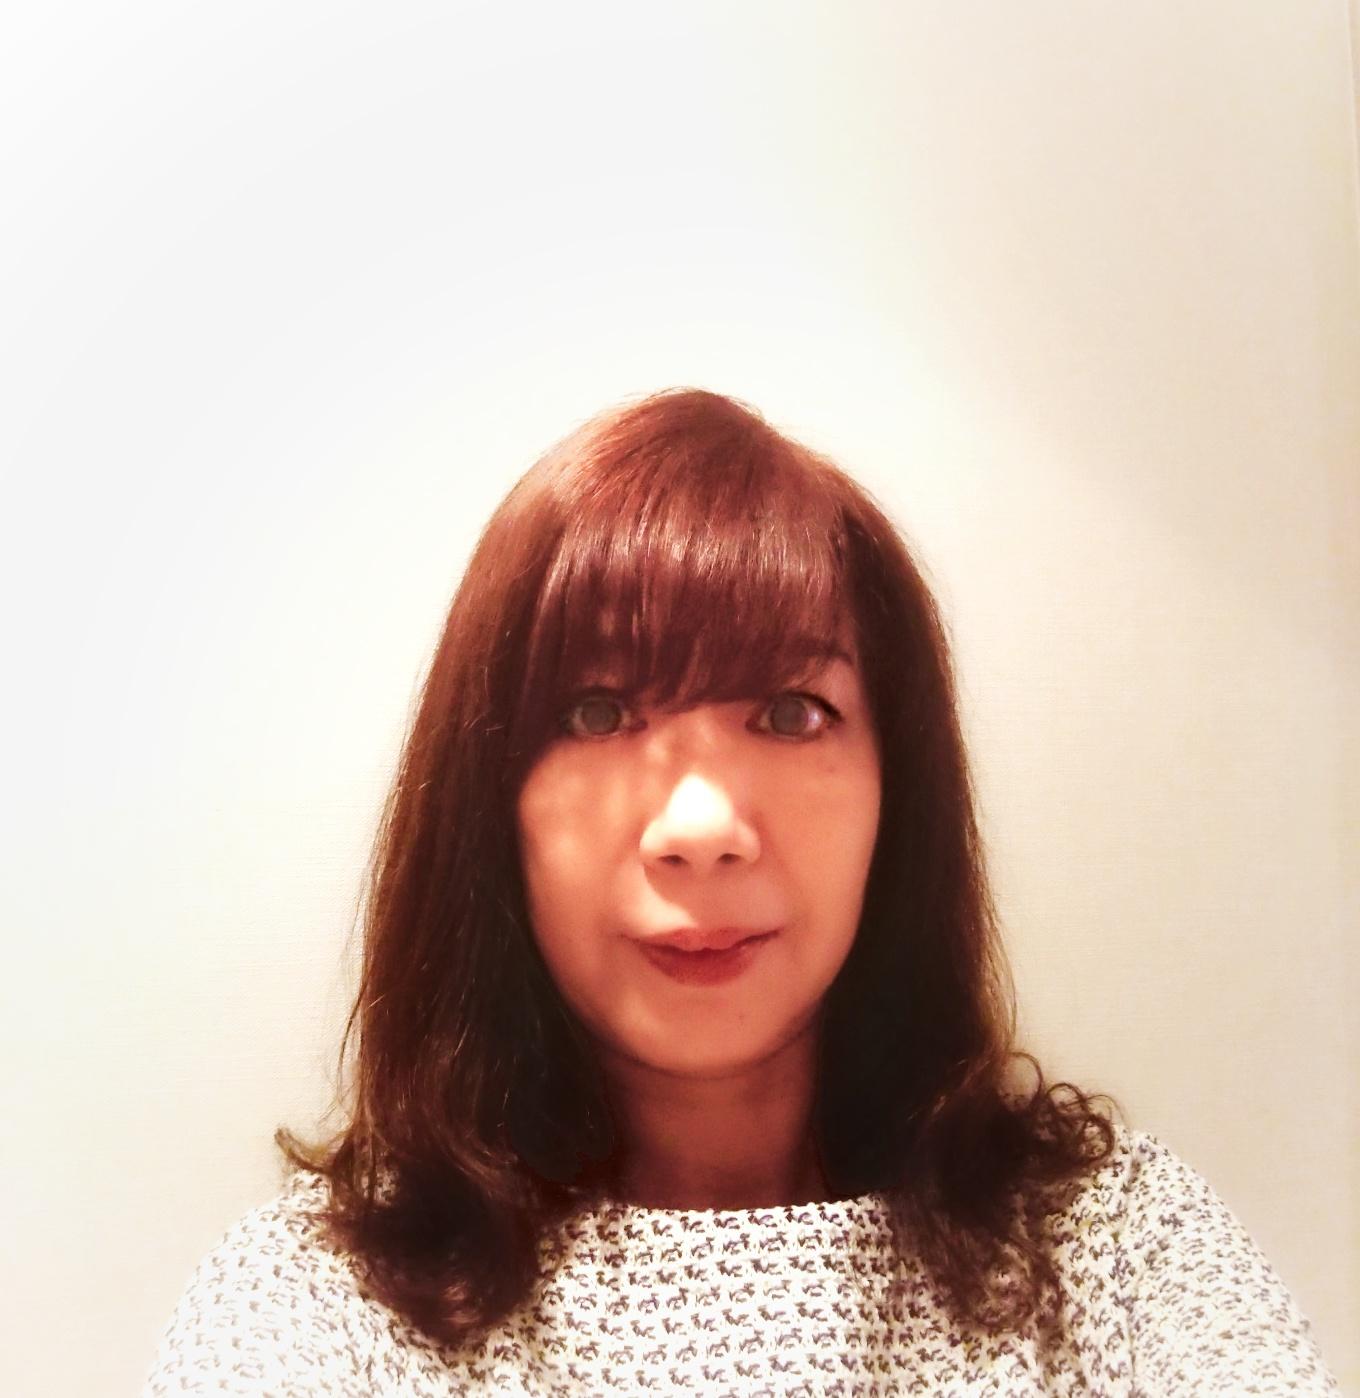 神戸三宮の姉KAORUさん